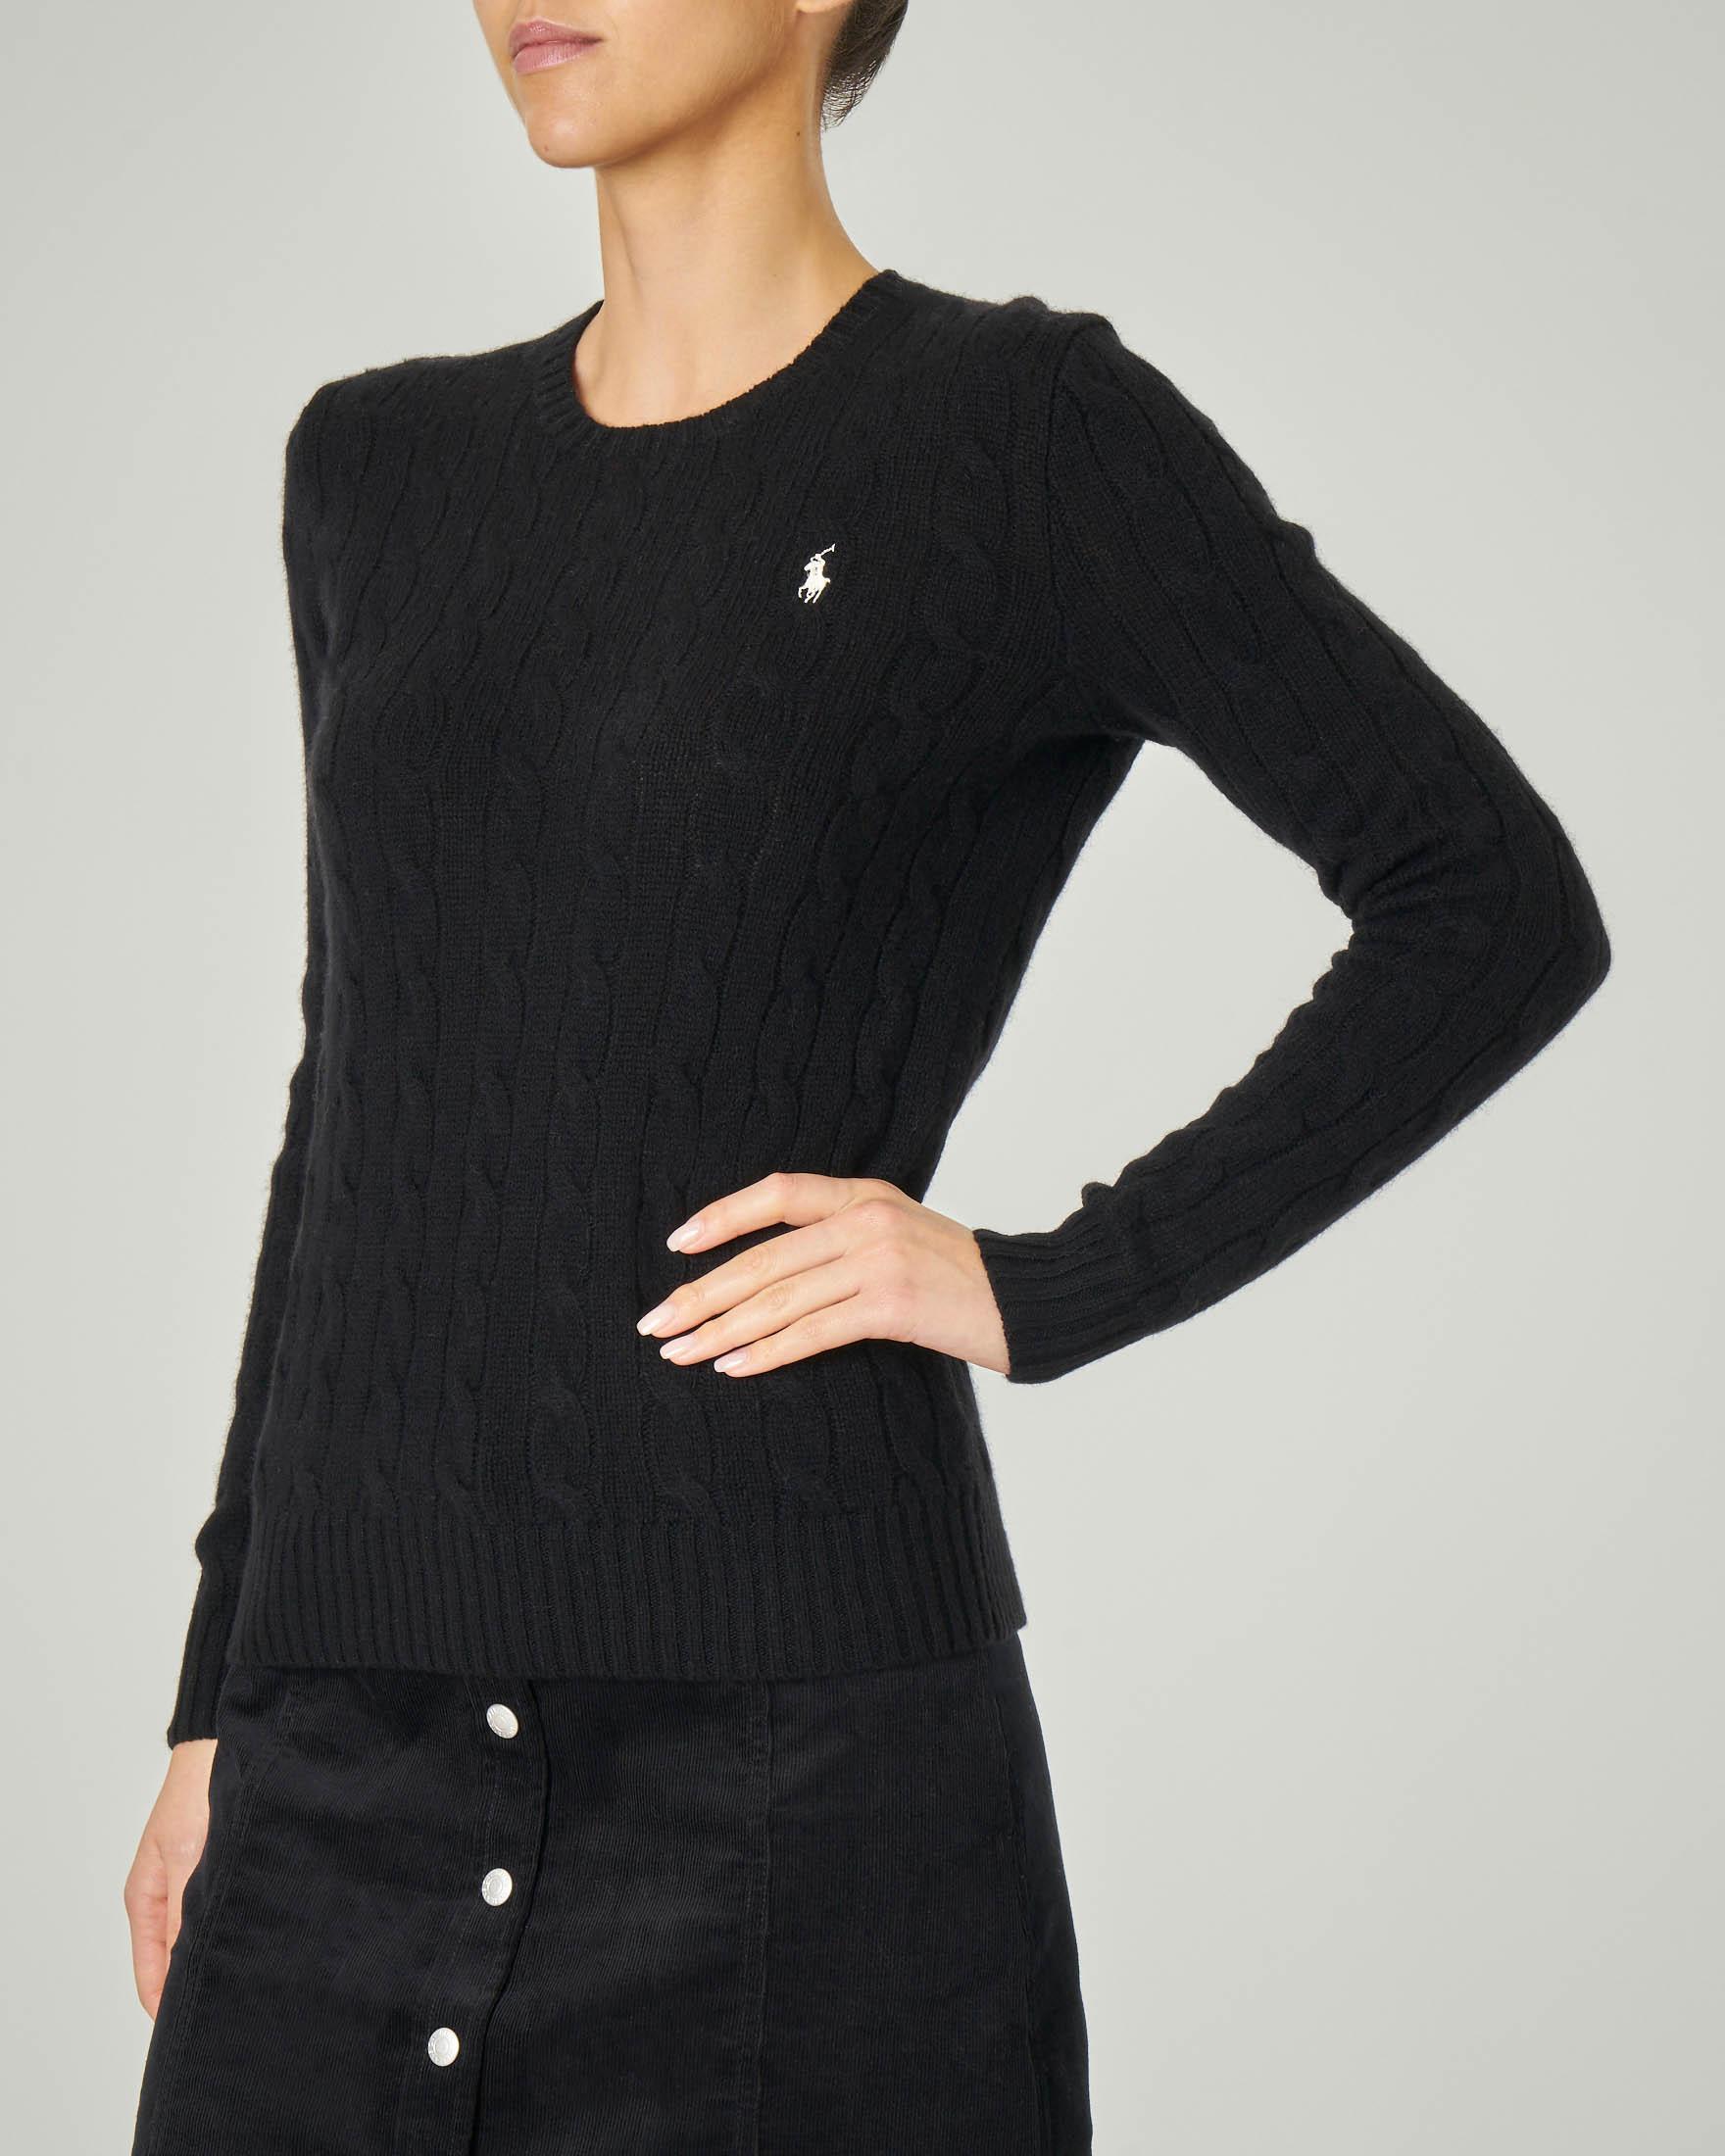 Maglia in lana misto cashmere a trecce colore nero